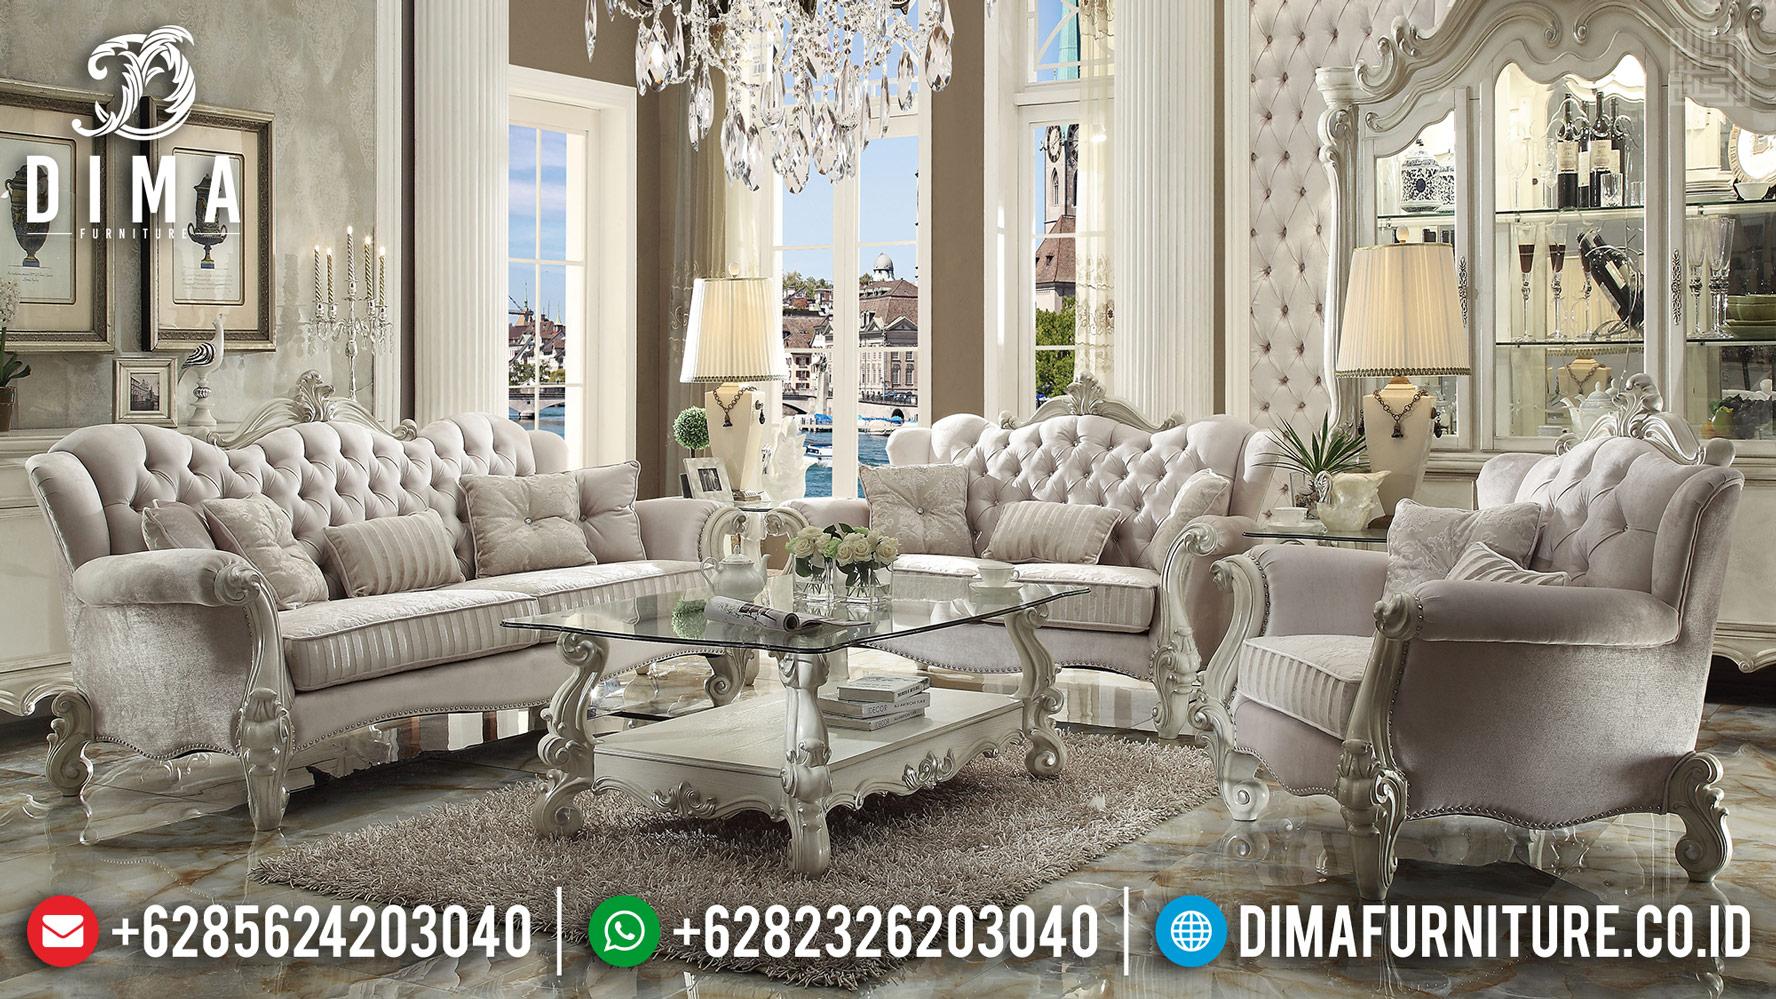 Broken White Sofa Tamu Mewah New Design Furniture Jepara DF-1188